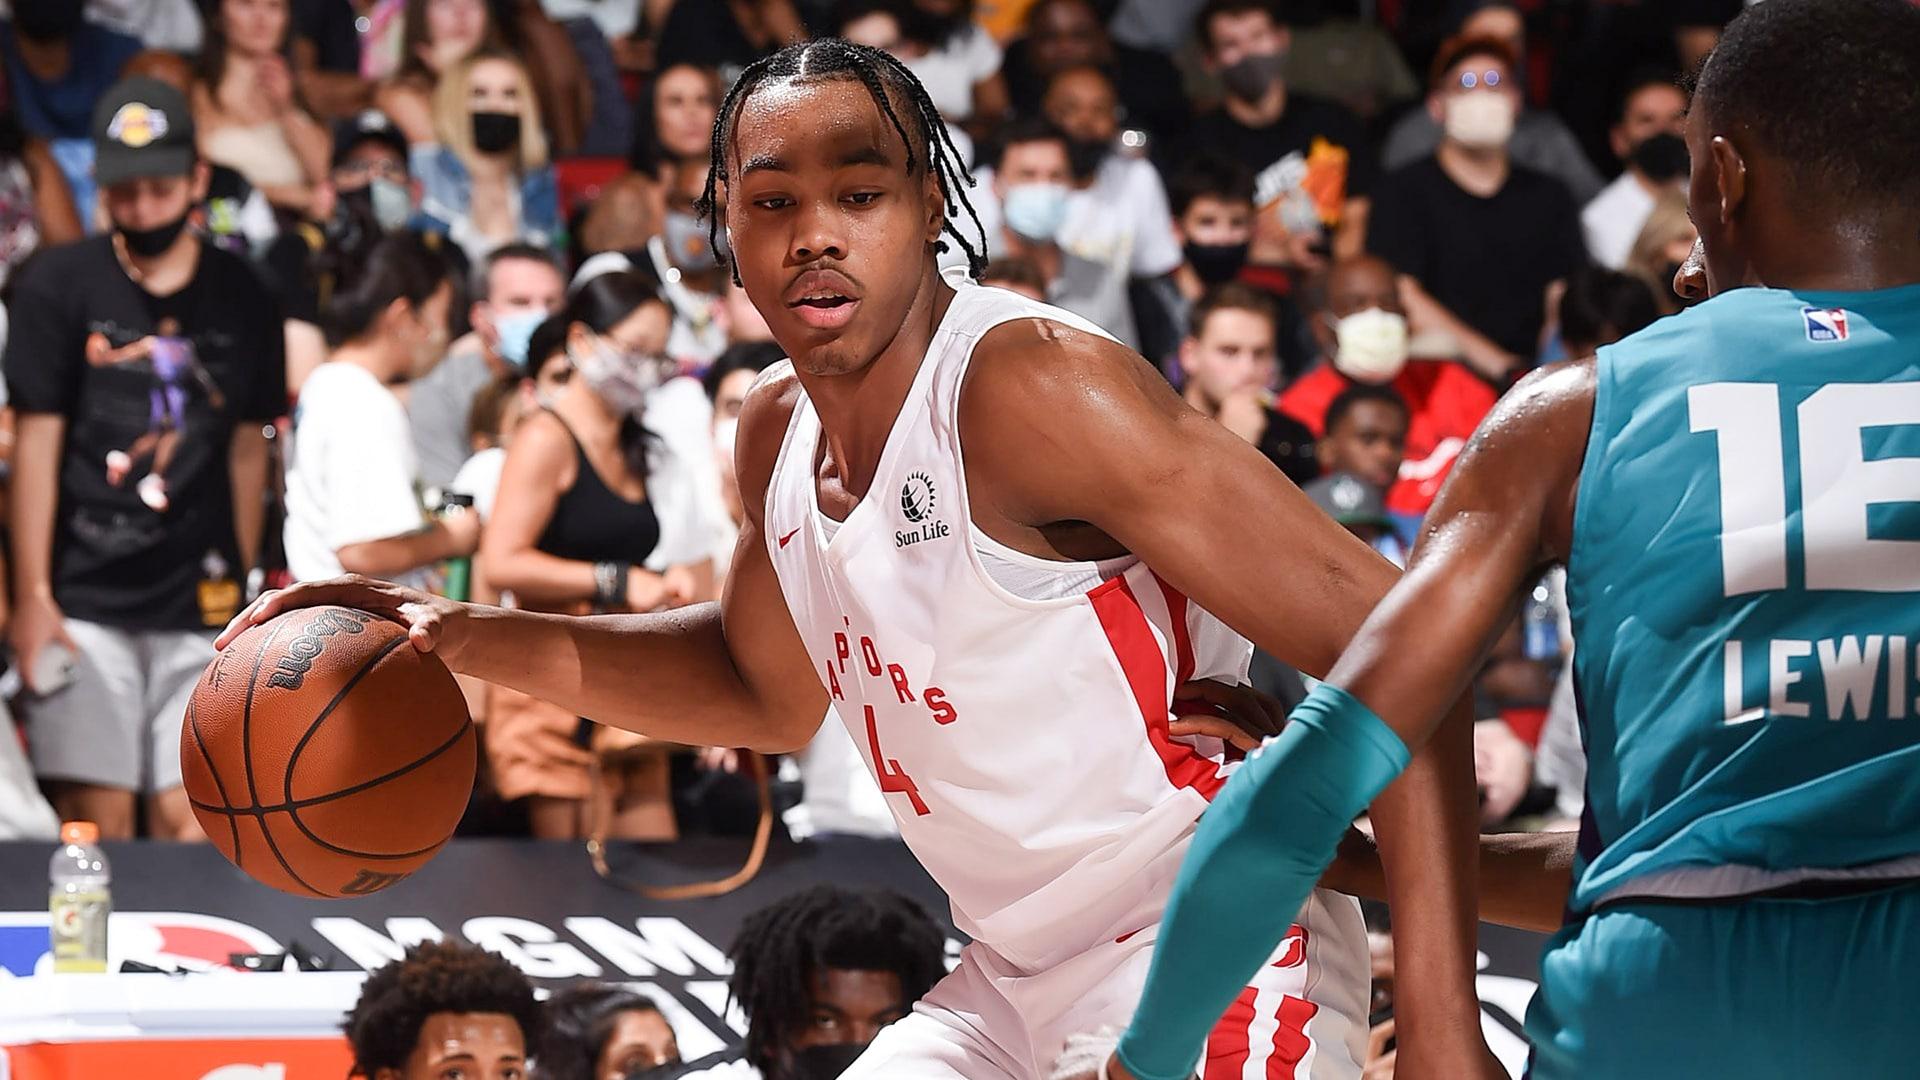 Las Vegas Summer League: Scottie Barnes lifts Raptors over Hornets